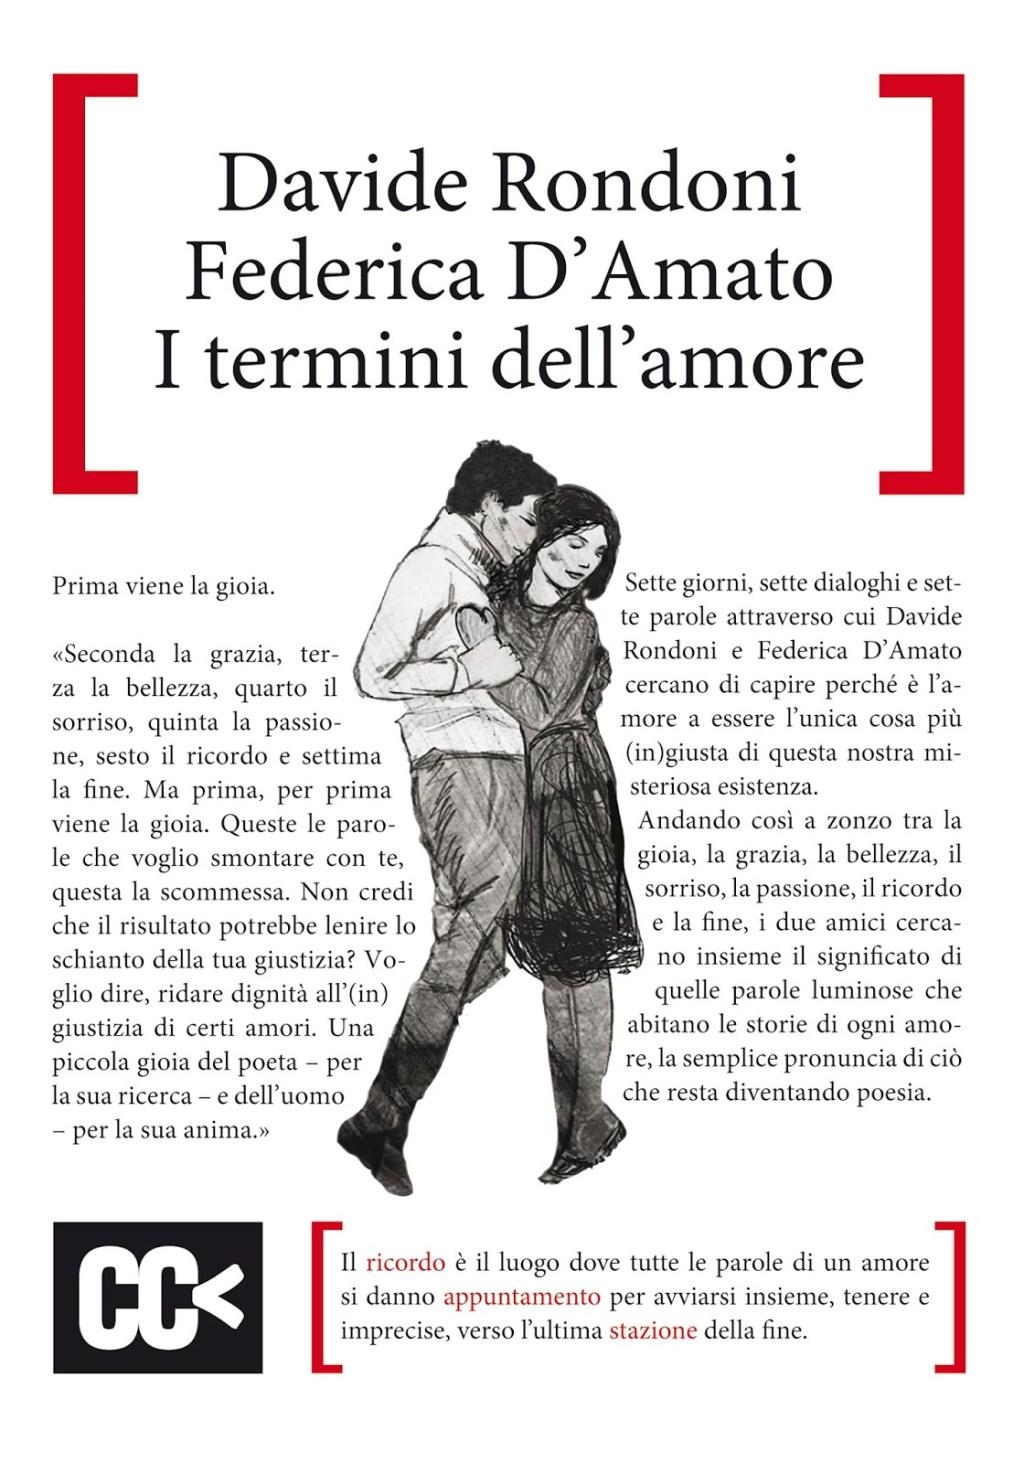 Federica D'Amato